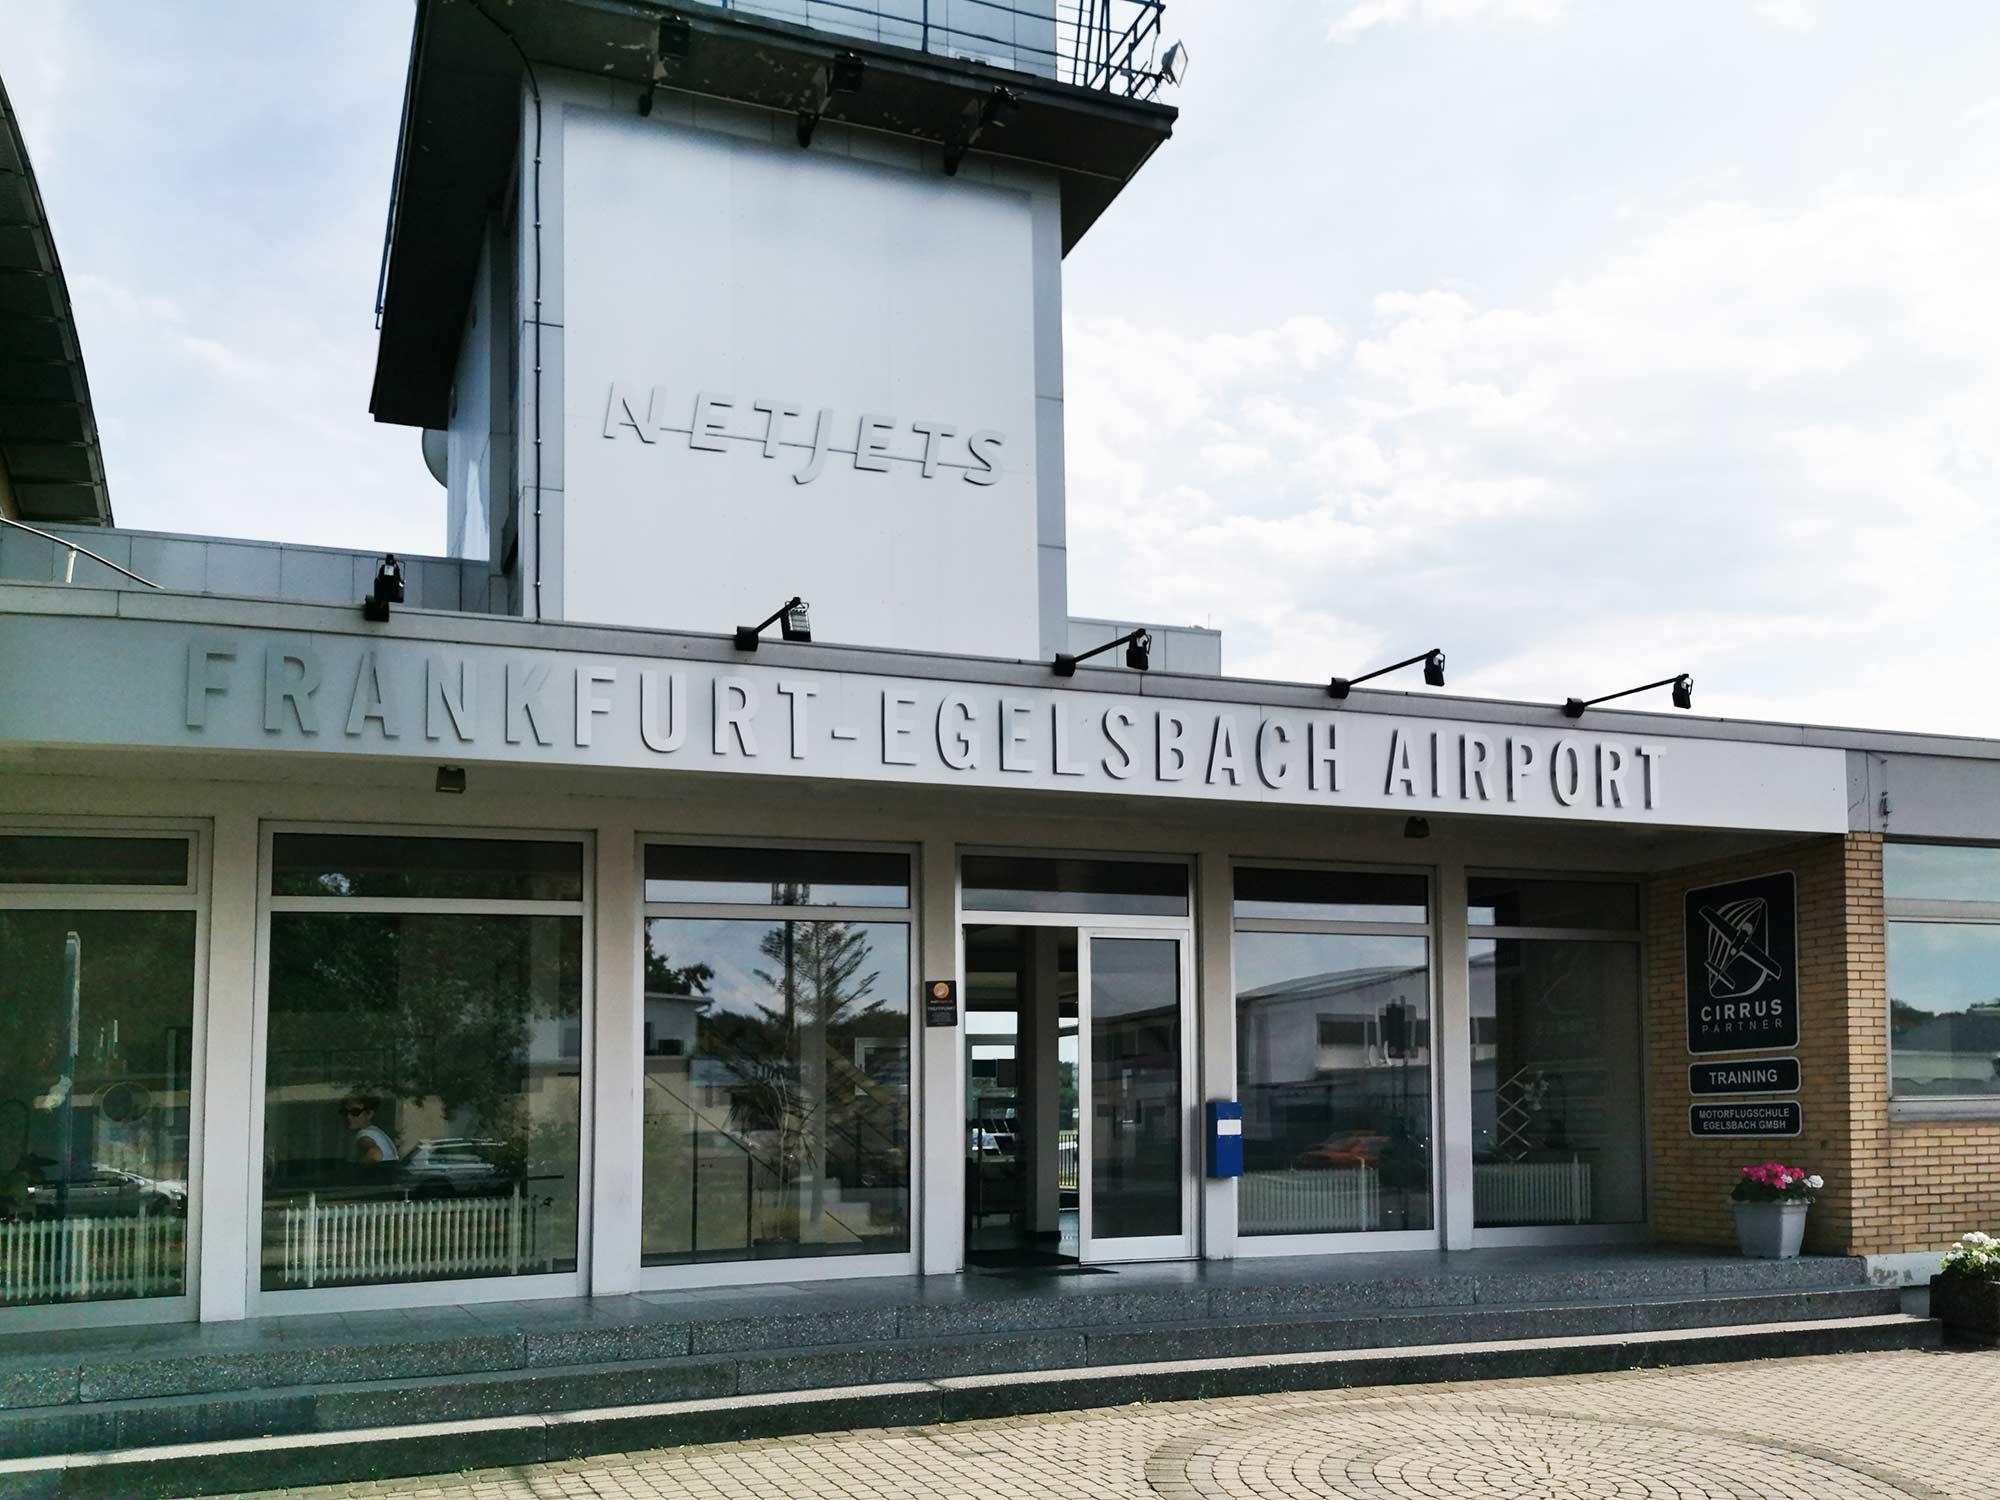 Frankfurt-Egelsbach Airport - Netjets - Tower und Treffpunkt Helifliegen.de für Rundflüge über Frankfurt mit dem Hubschrauber